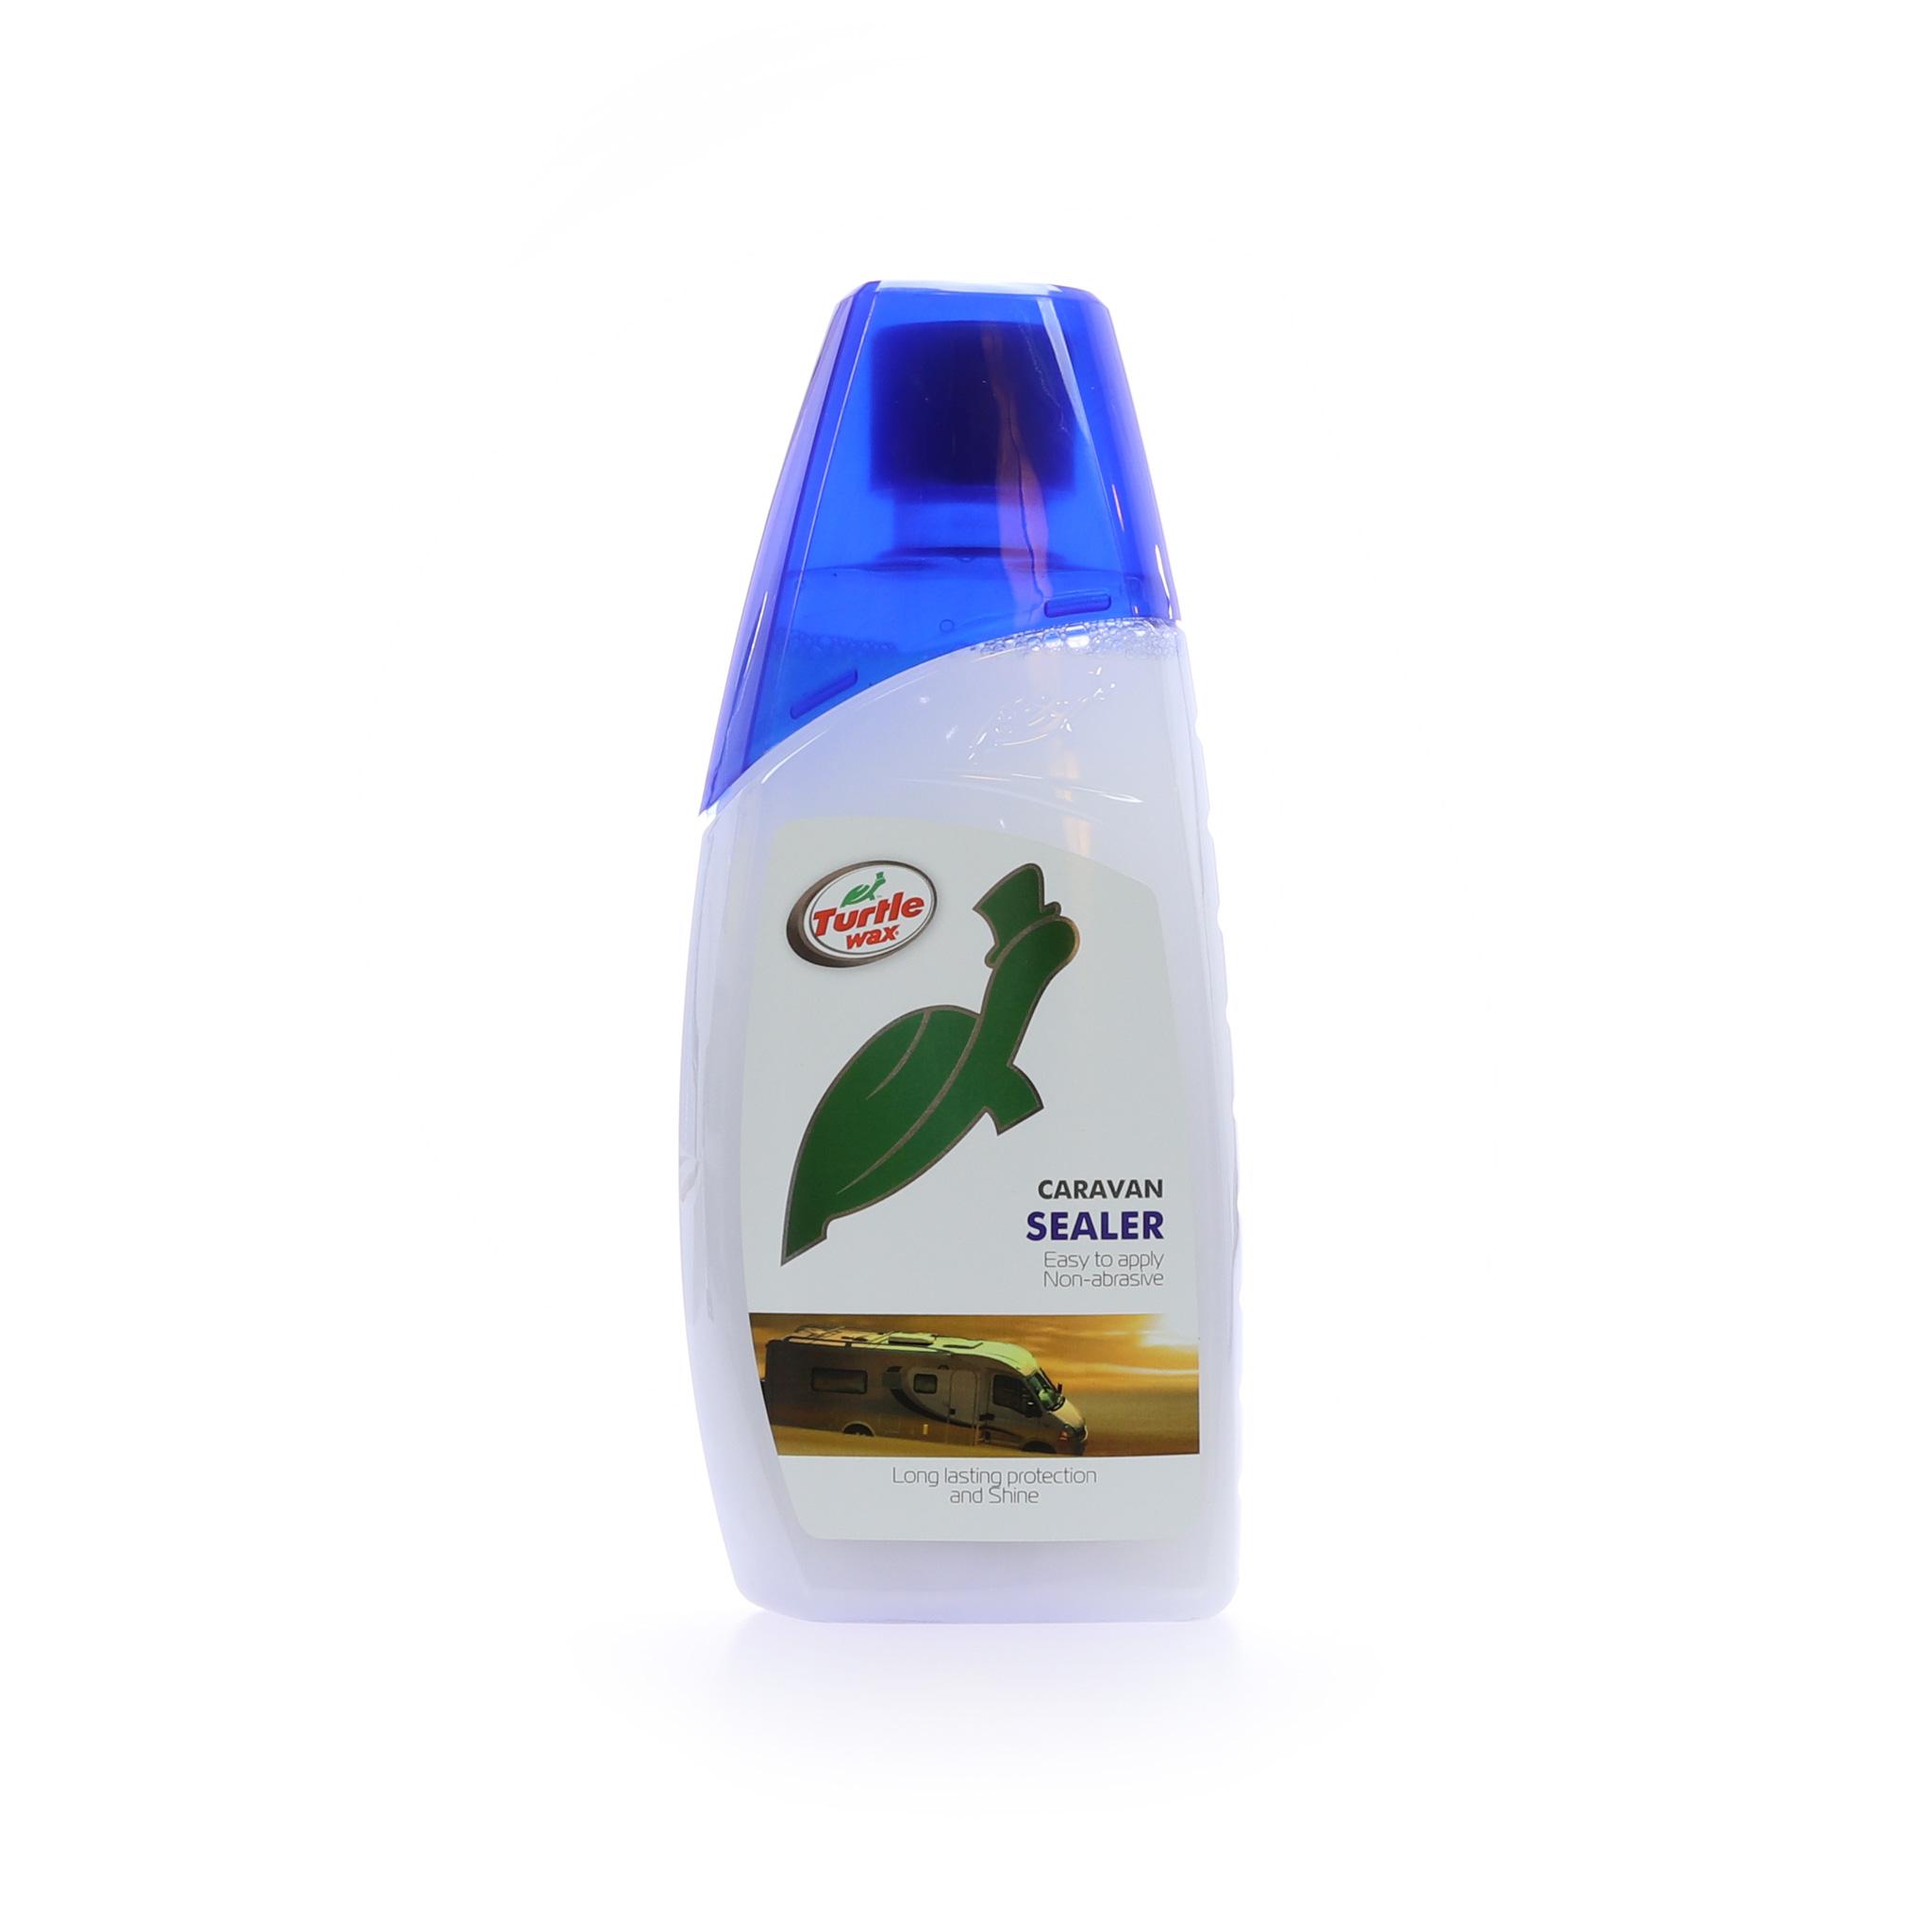 Husvagnsvax Turtle Wax Caravan Sealer, 500 ml